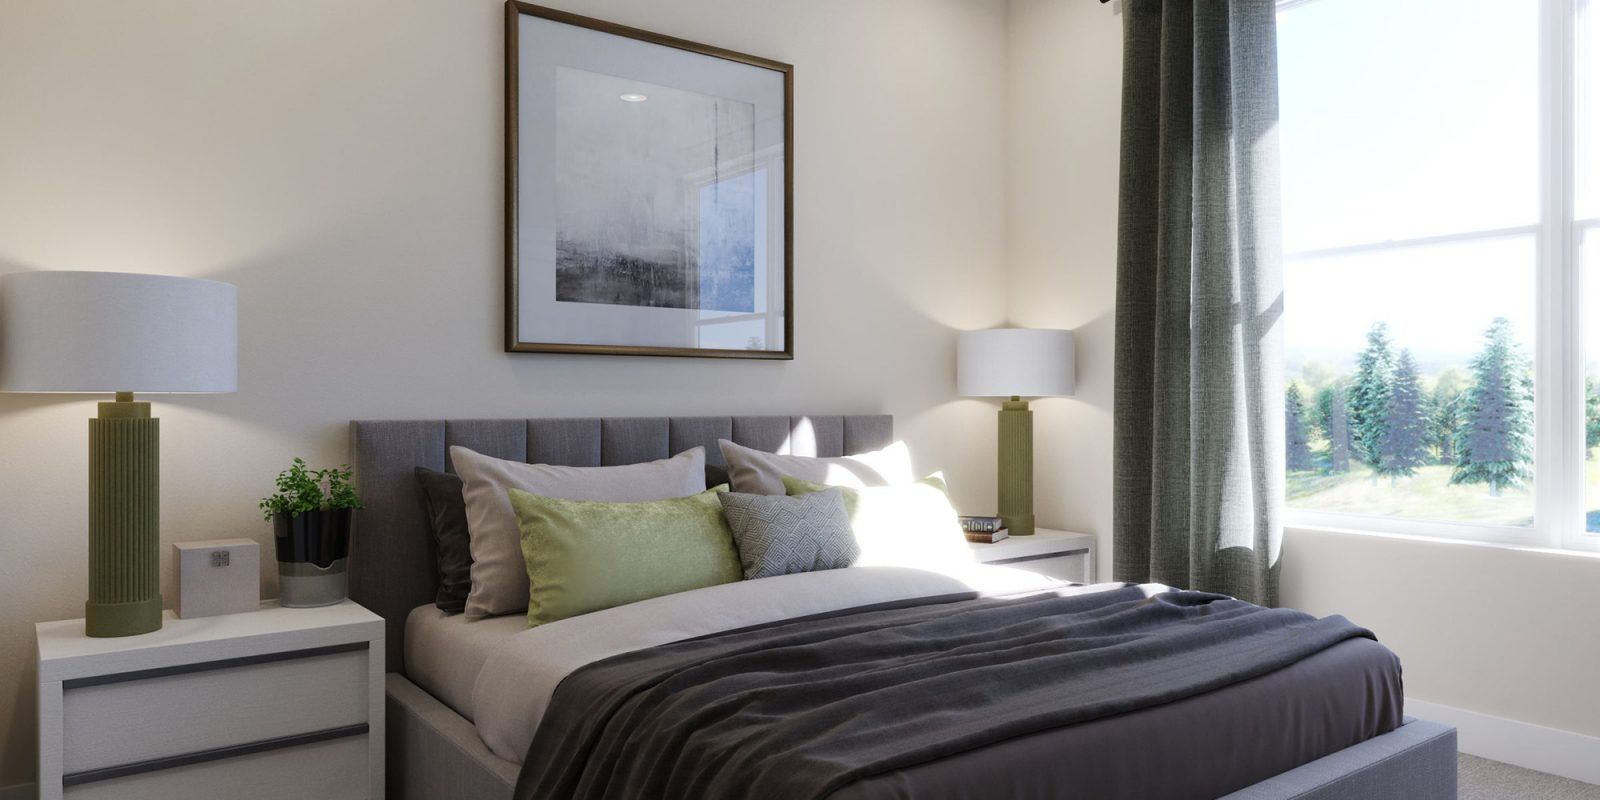 Baseline DoMore Rows: Escape - Master Bedroom